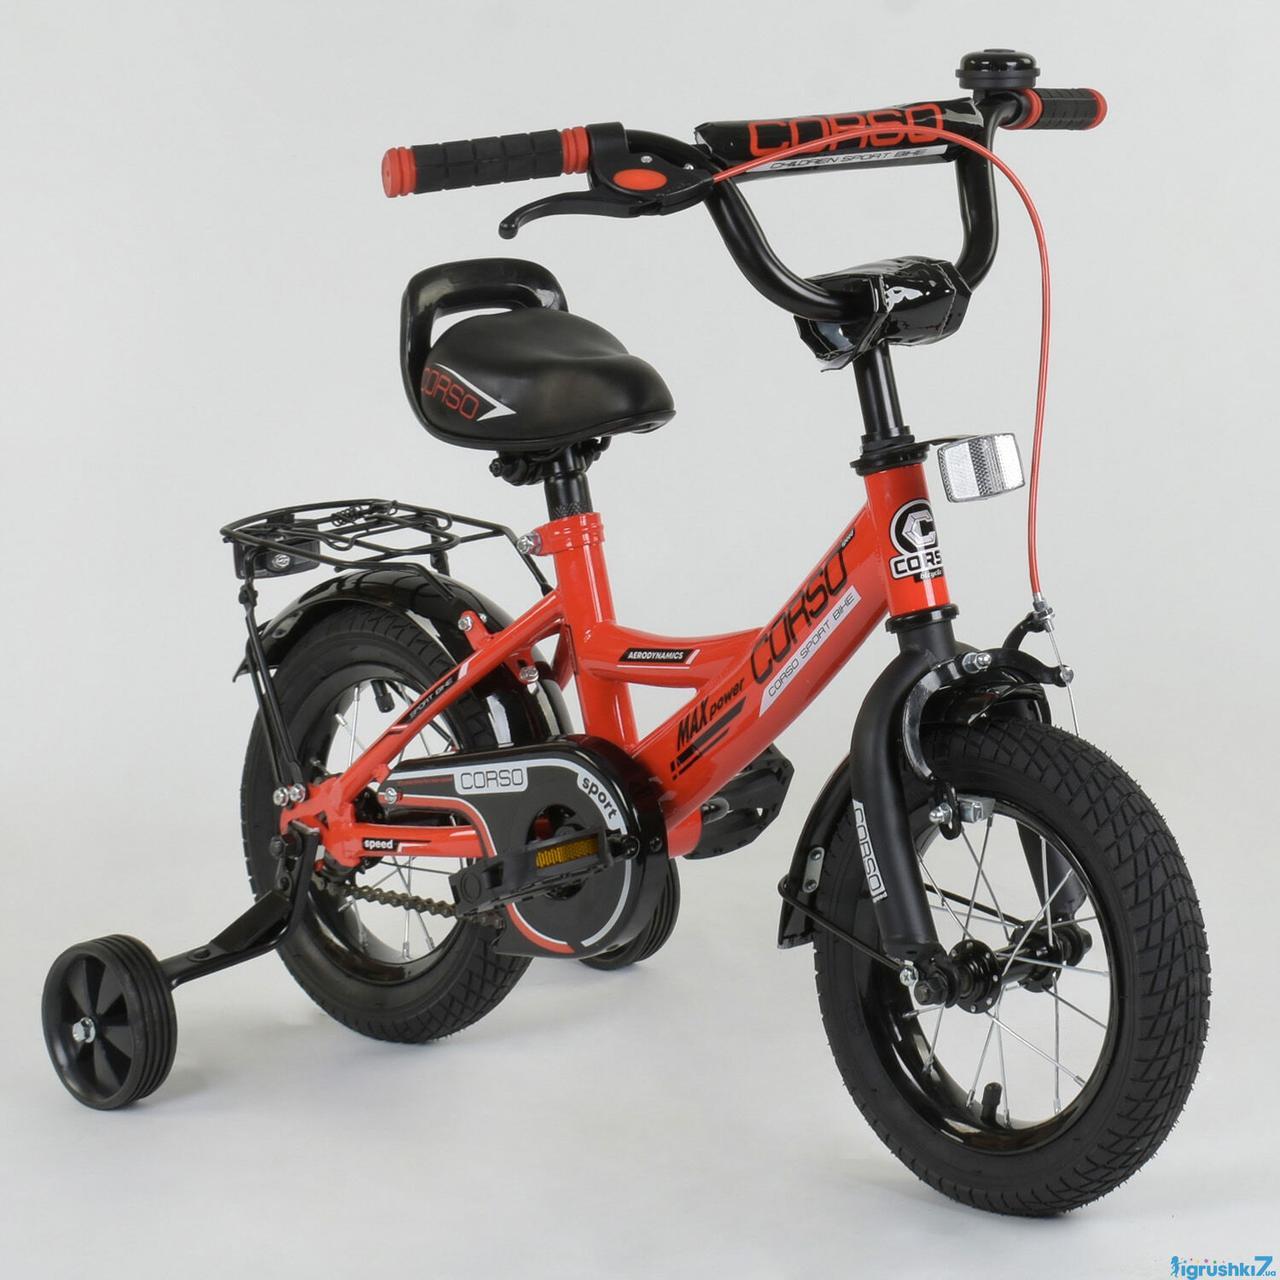 Детский двухколесный велосипед Corso колеса 12 дюймов CL-12 D 0106 красный